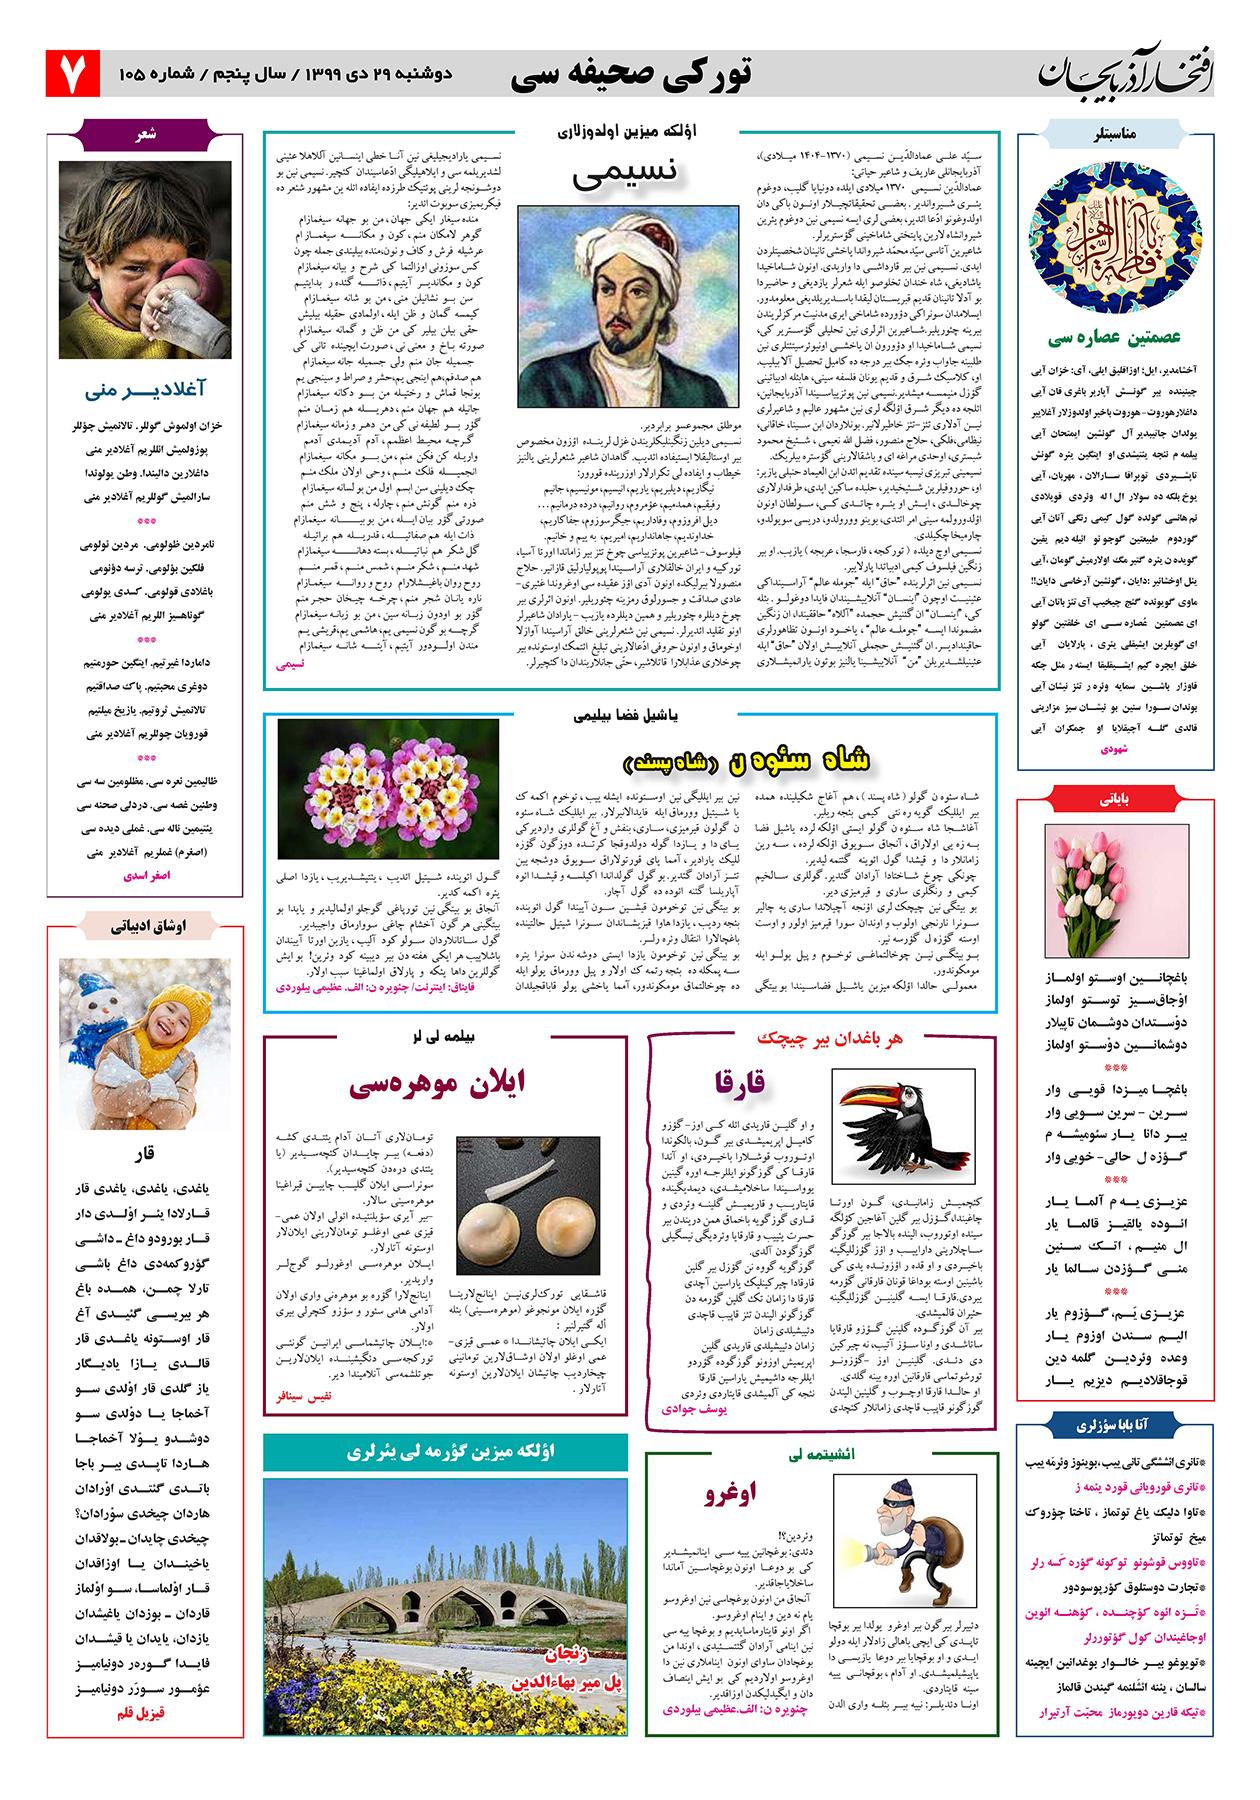 صفحه هفتم هفته نامه افتخار آذربایجان شماره 105